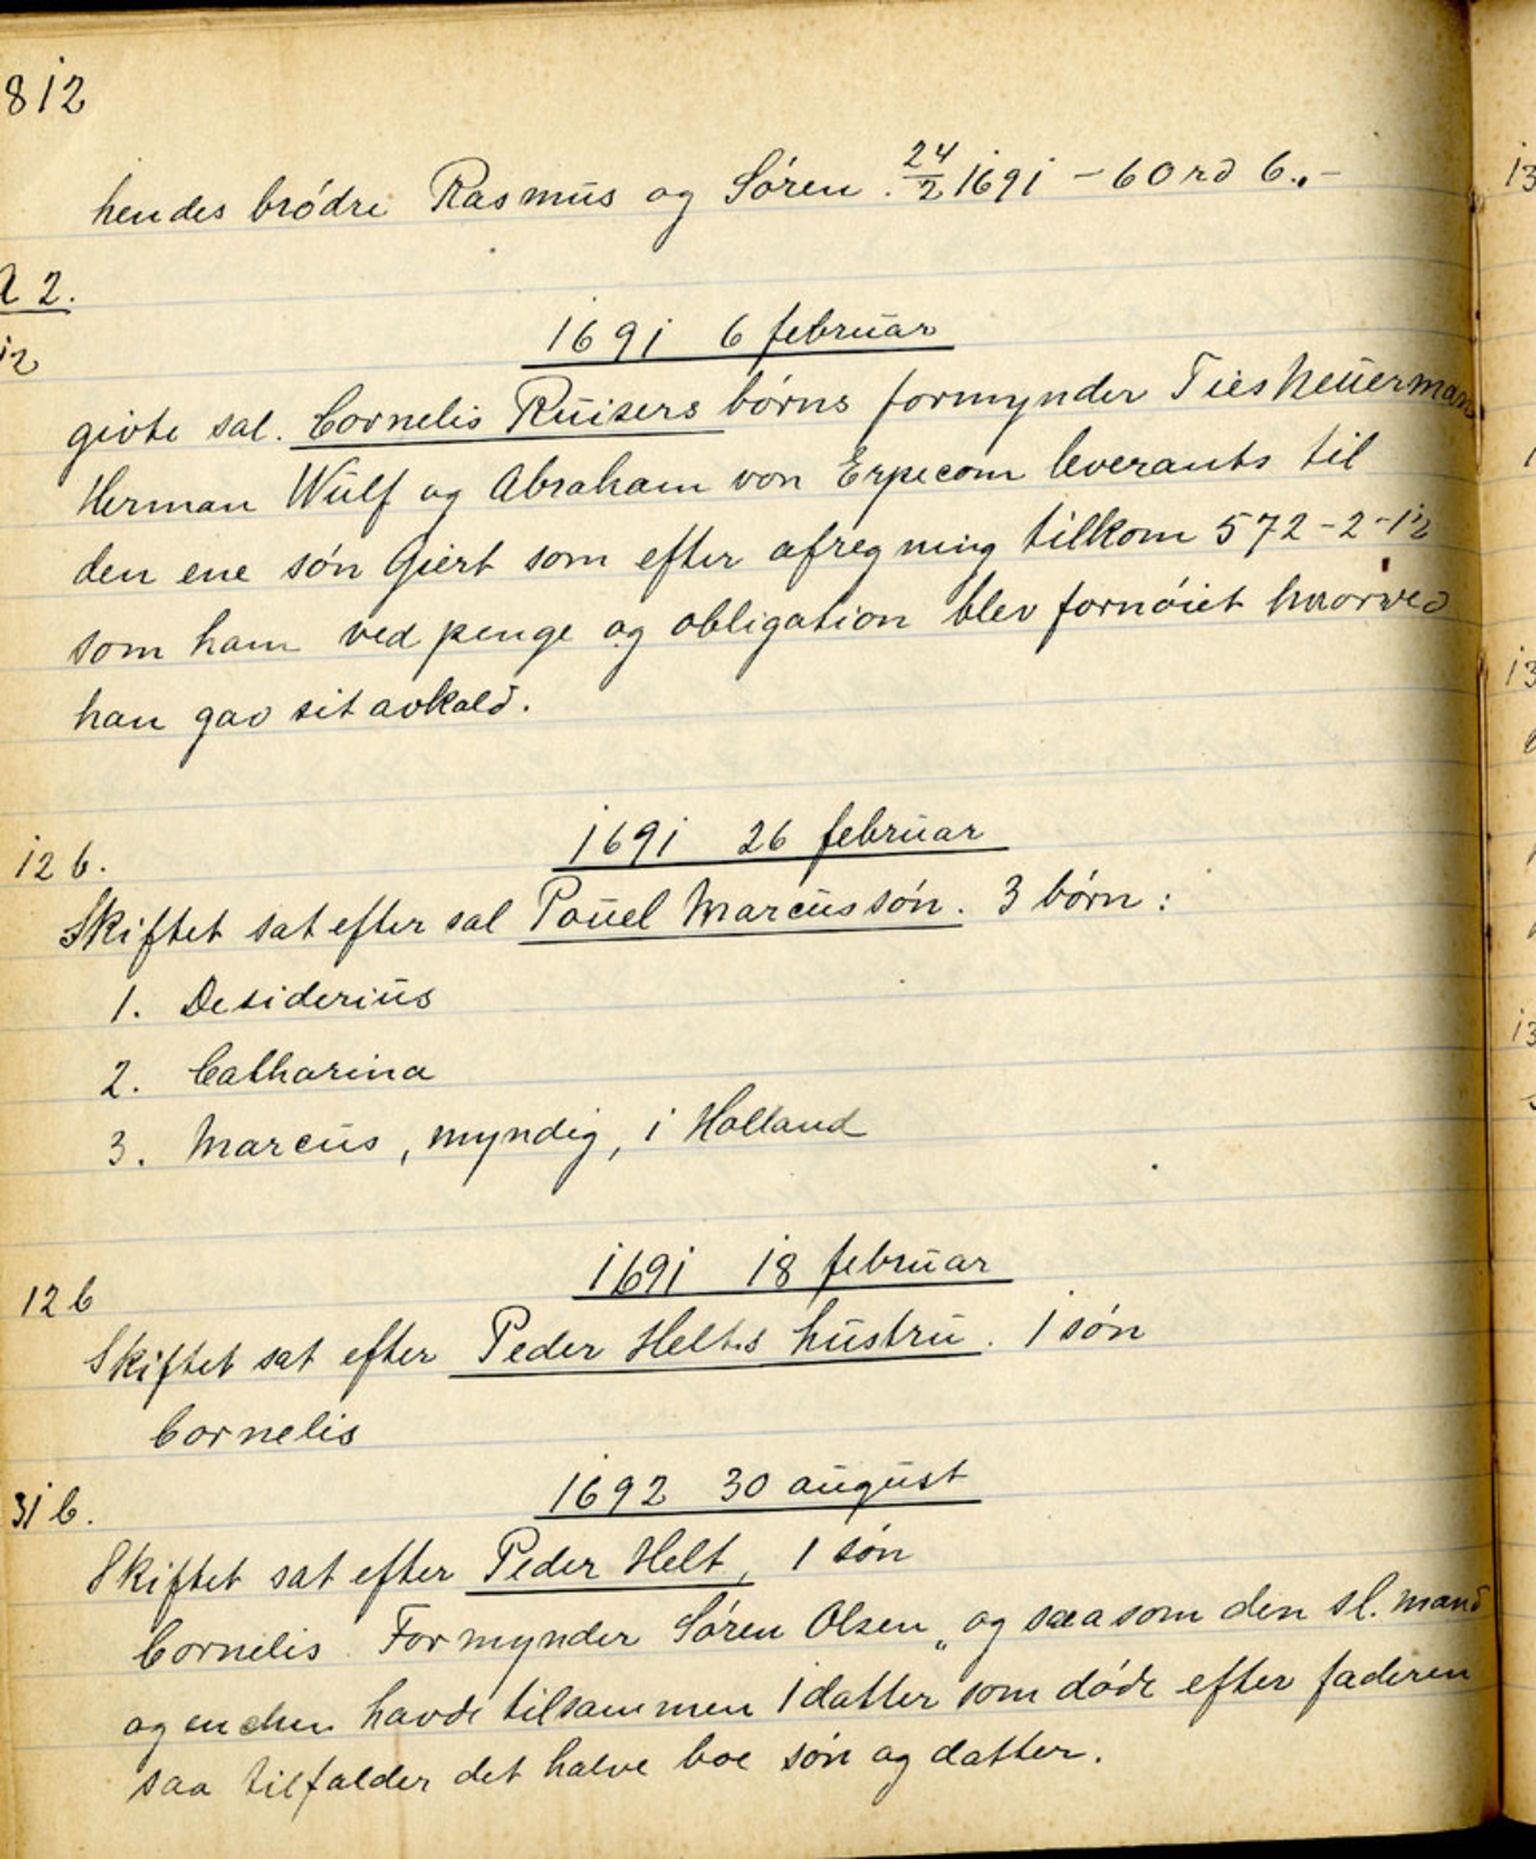 SAB, Sollied, Olaf og Thora - samlinger, 01/L0010: Skifte: Utdrag av skifteprotokoller, 1675-1785, s. 812